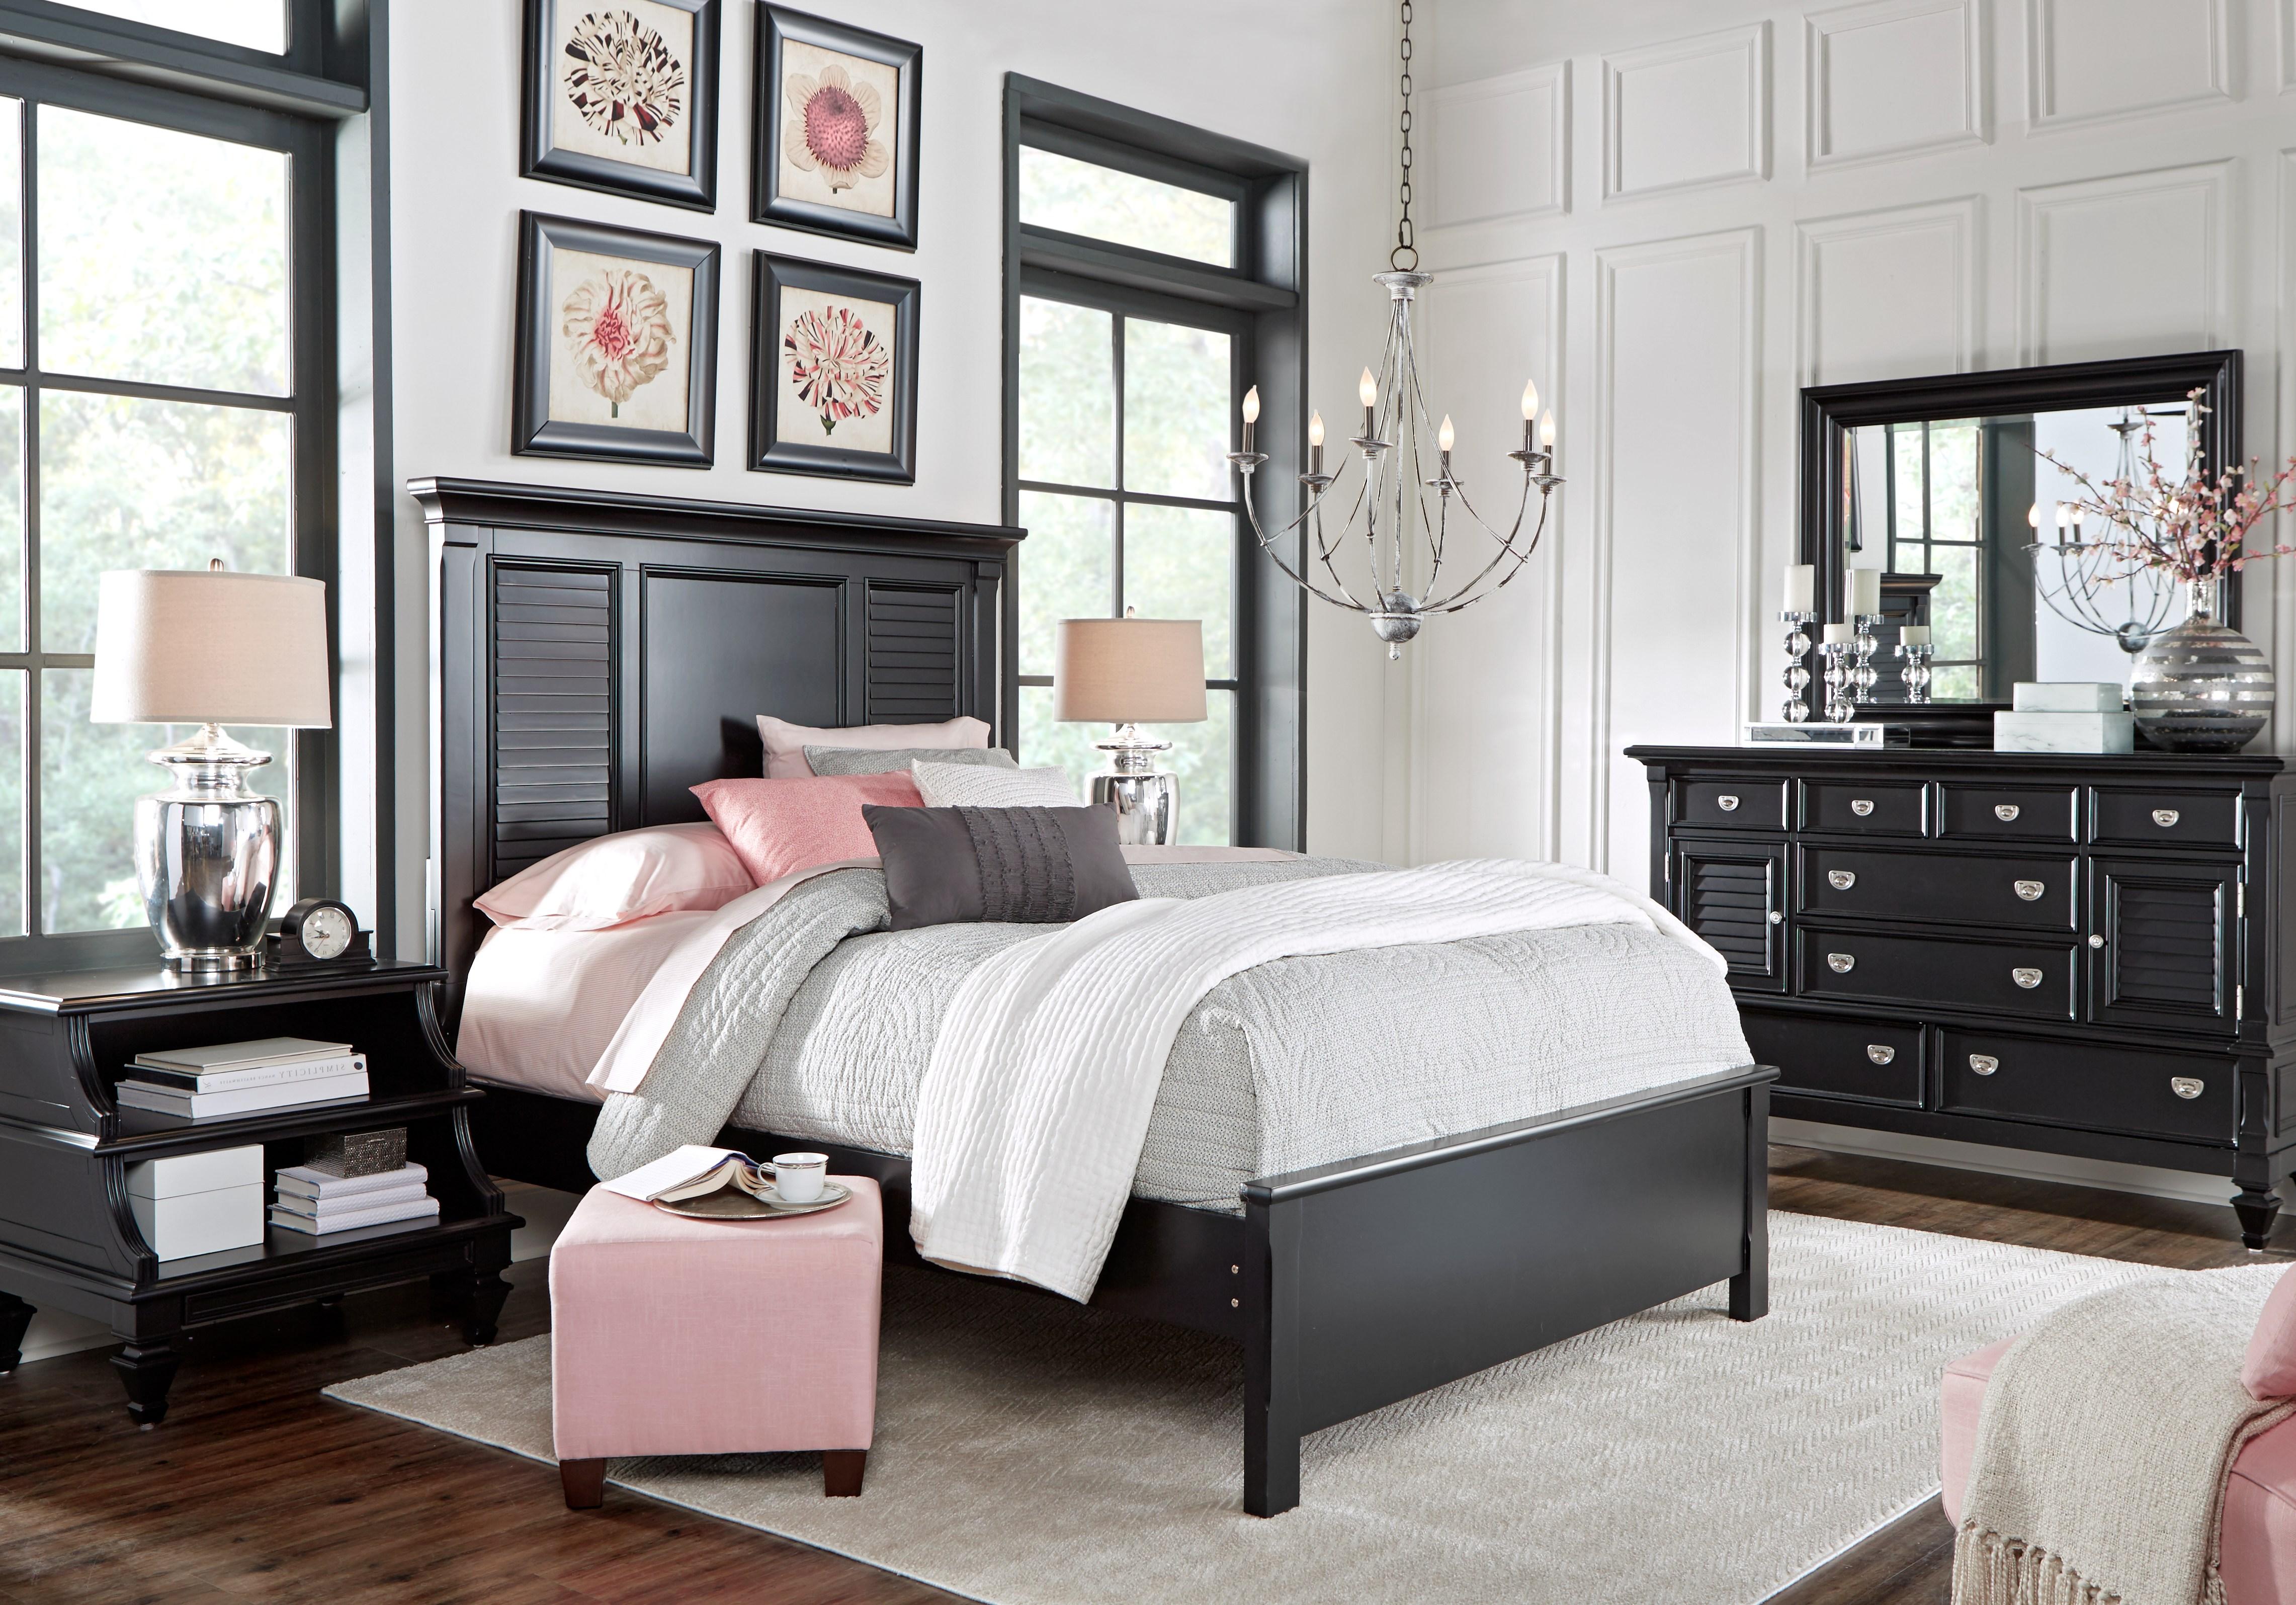 Black Bedroom Furniture Sets – storiestrending.com